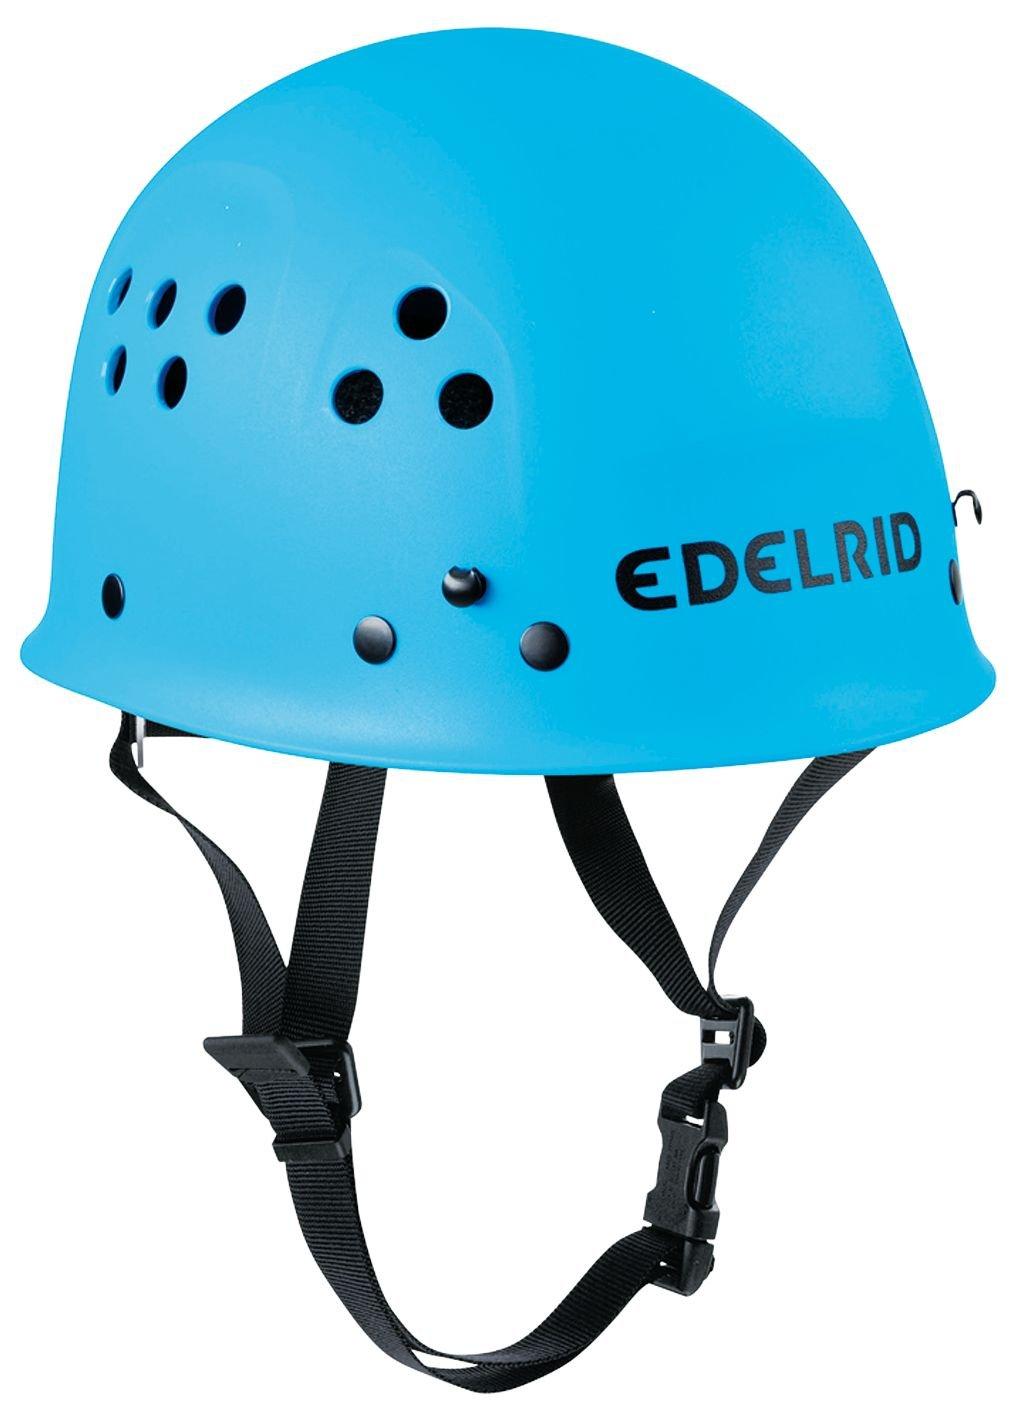 EDELRID - Ultralight Hardshell Helmet; Turquoise